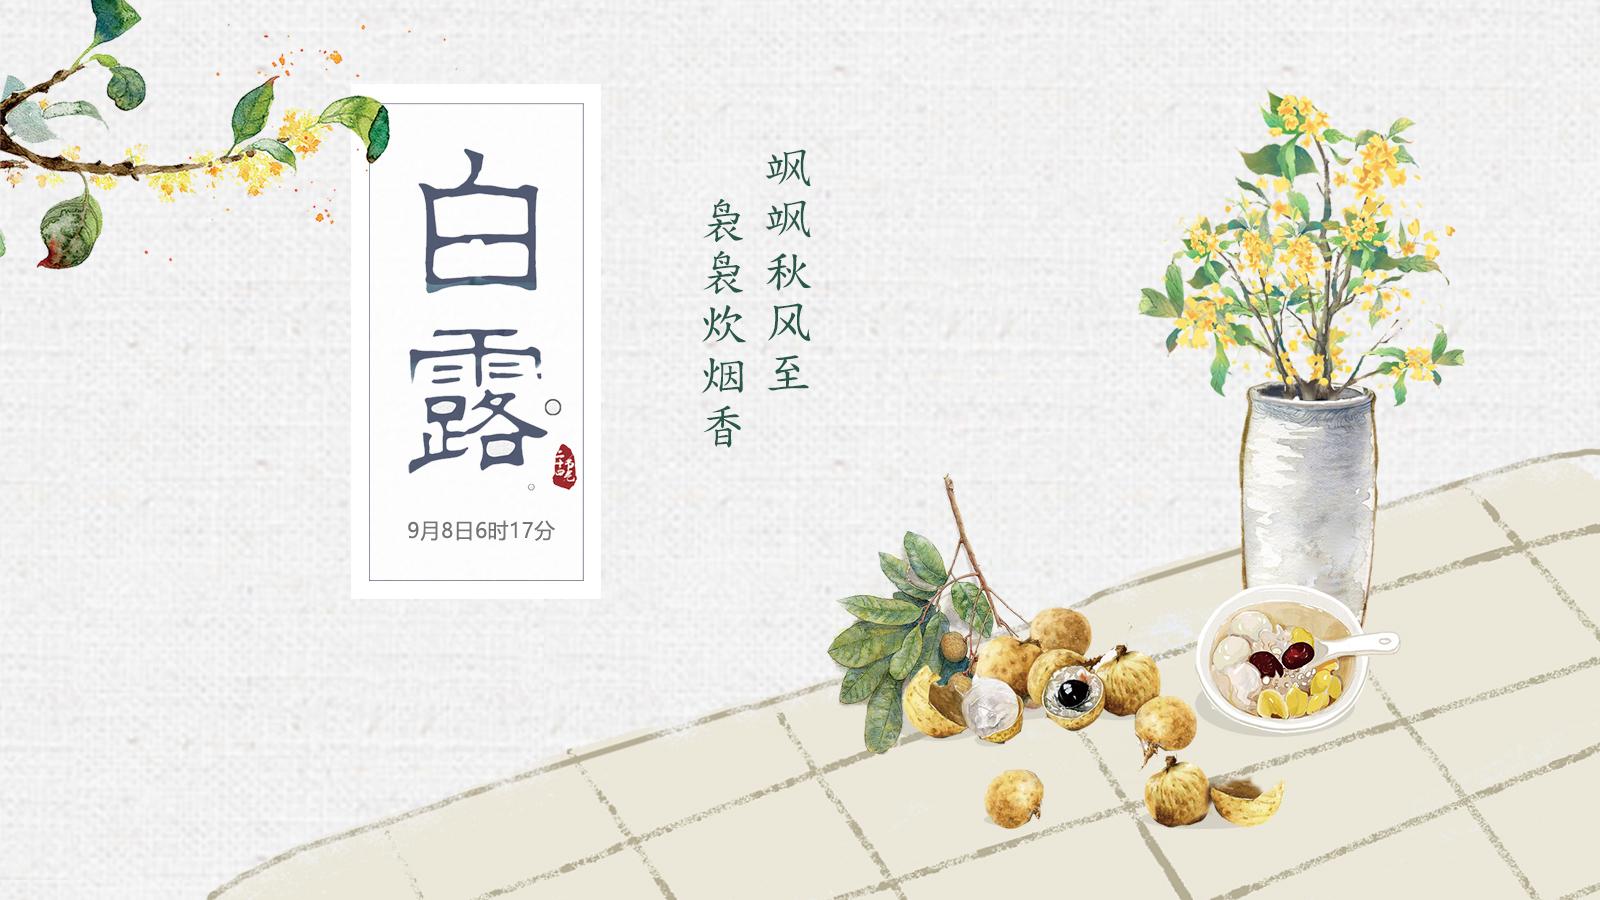 短视频海报|白露